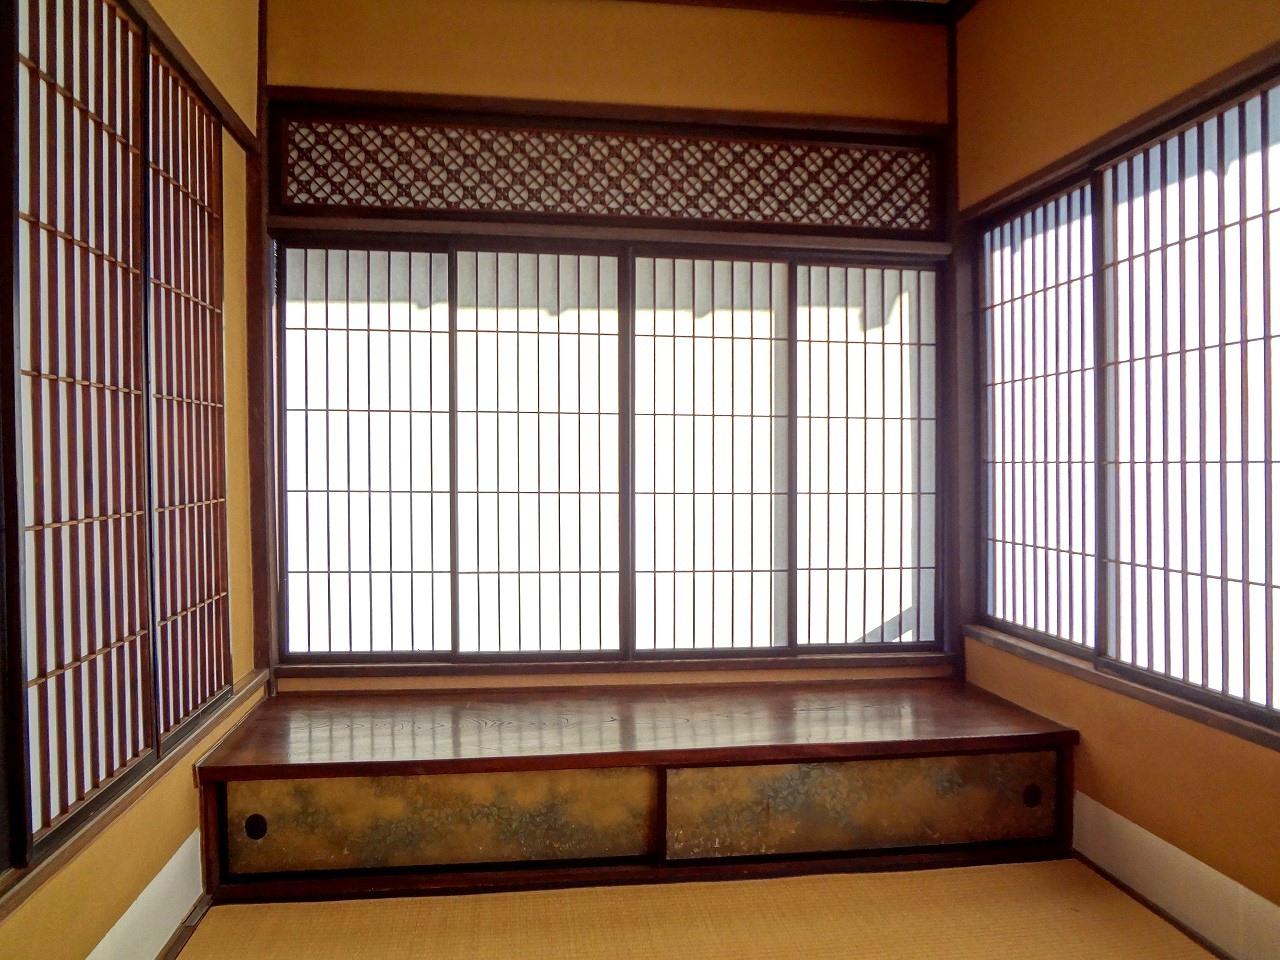 和風建築の魅力あふれるお屋敷│旧安田楠雄邸見学_b0274159_12384275.jpg